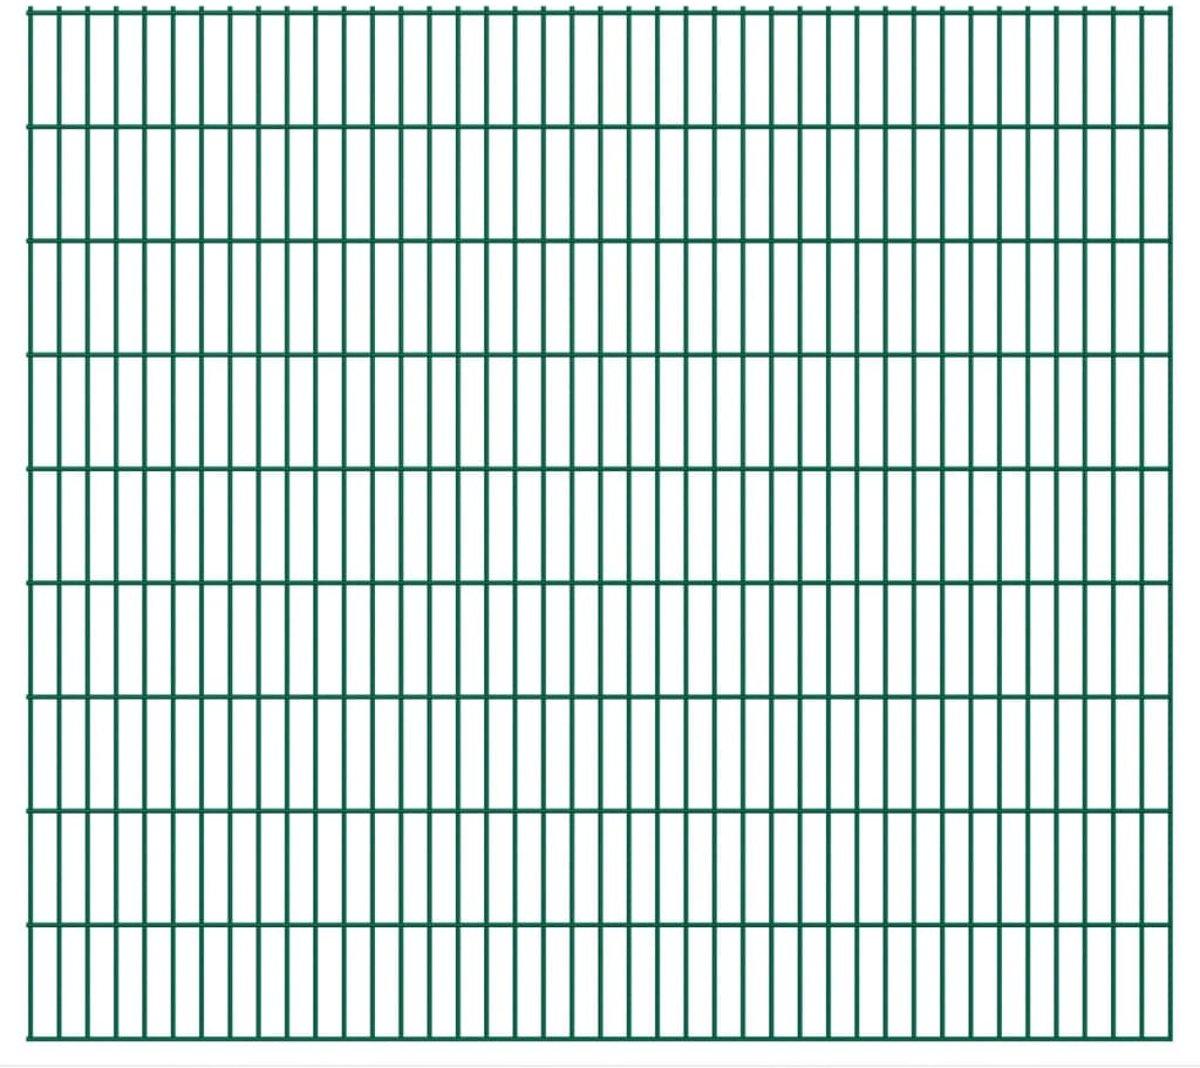 Dubbelstaafmatten 2008 x 1830mm 16m Groen 8 stuks (incl. tyraps)